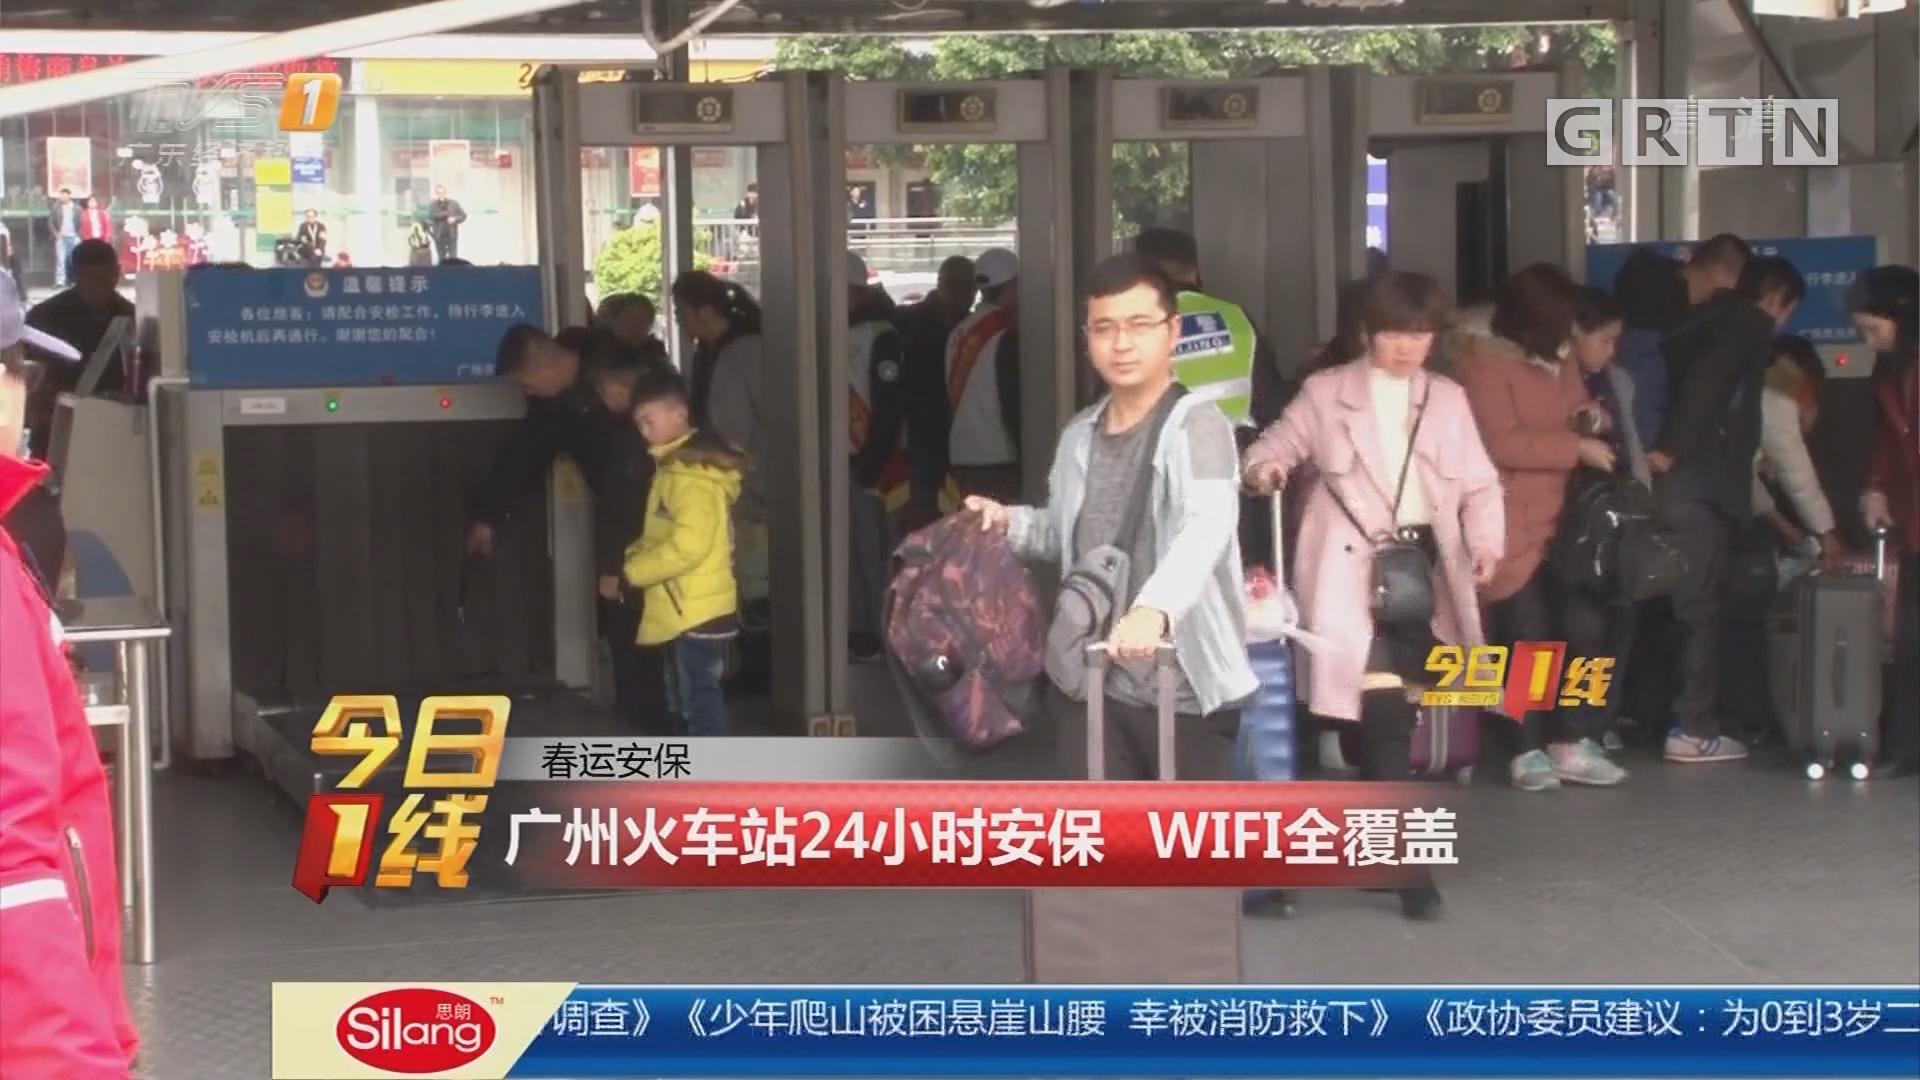 春运安保:广州火车站24小时安保 WIFI全覆盖